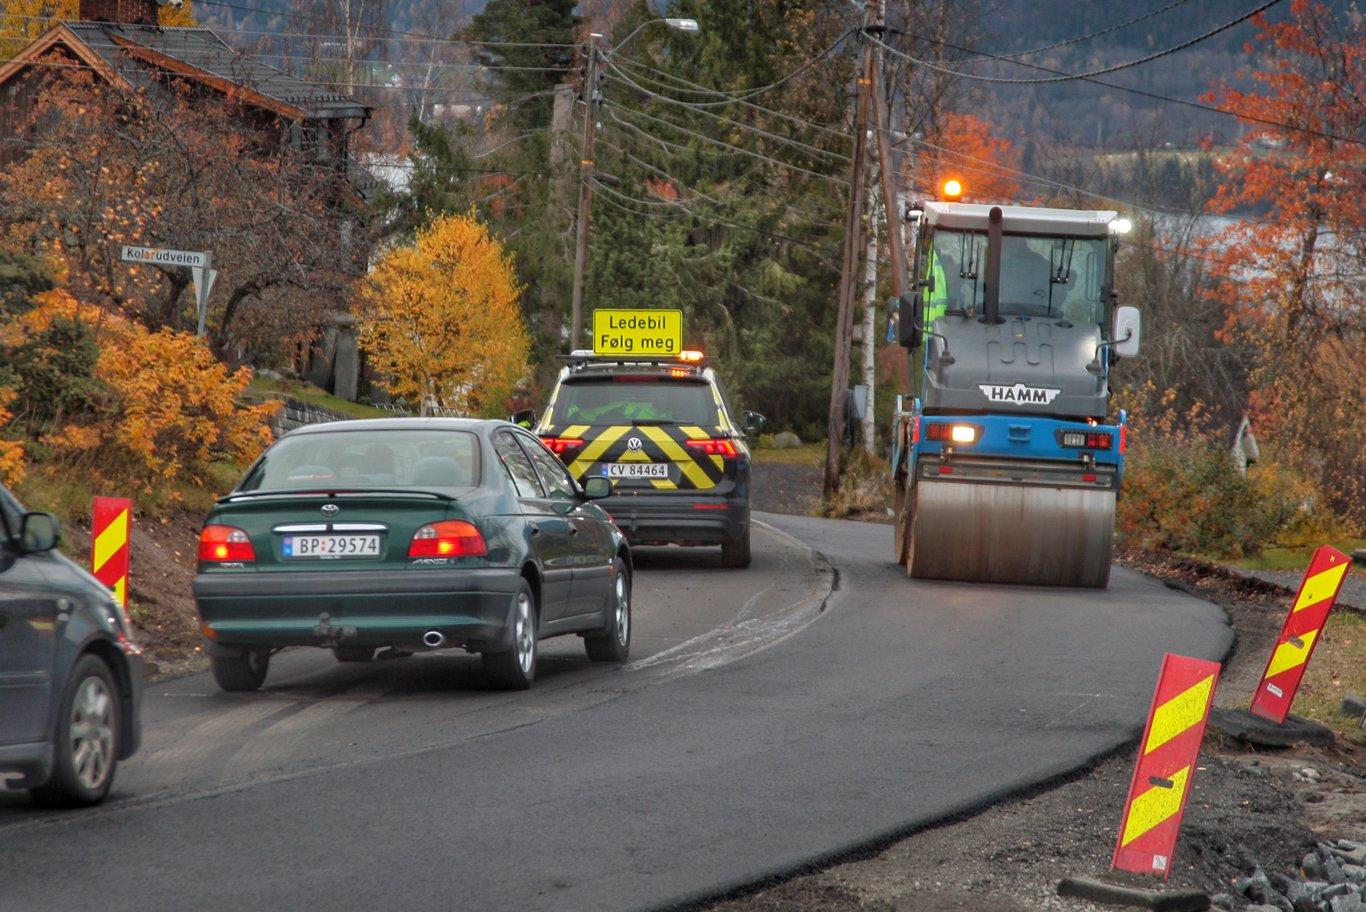 3000 km vei får ny asfalt til en verdi av 2,9 milliarder kroner 2